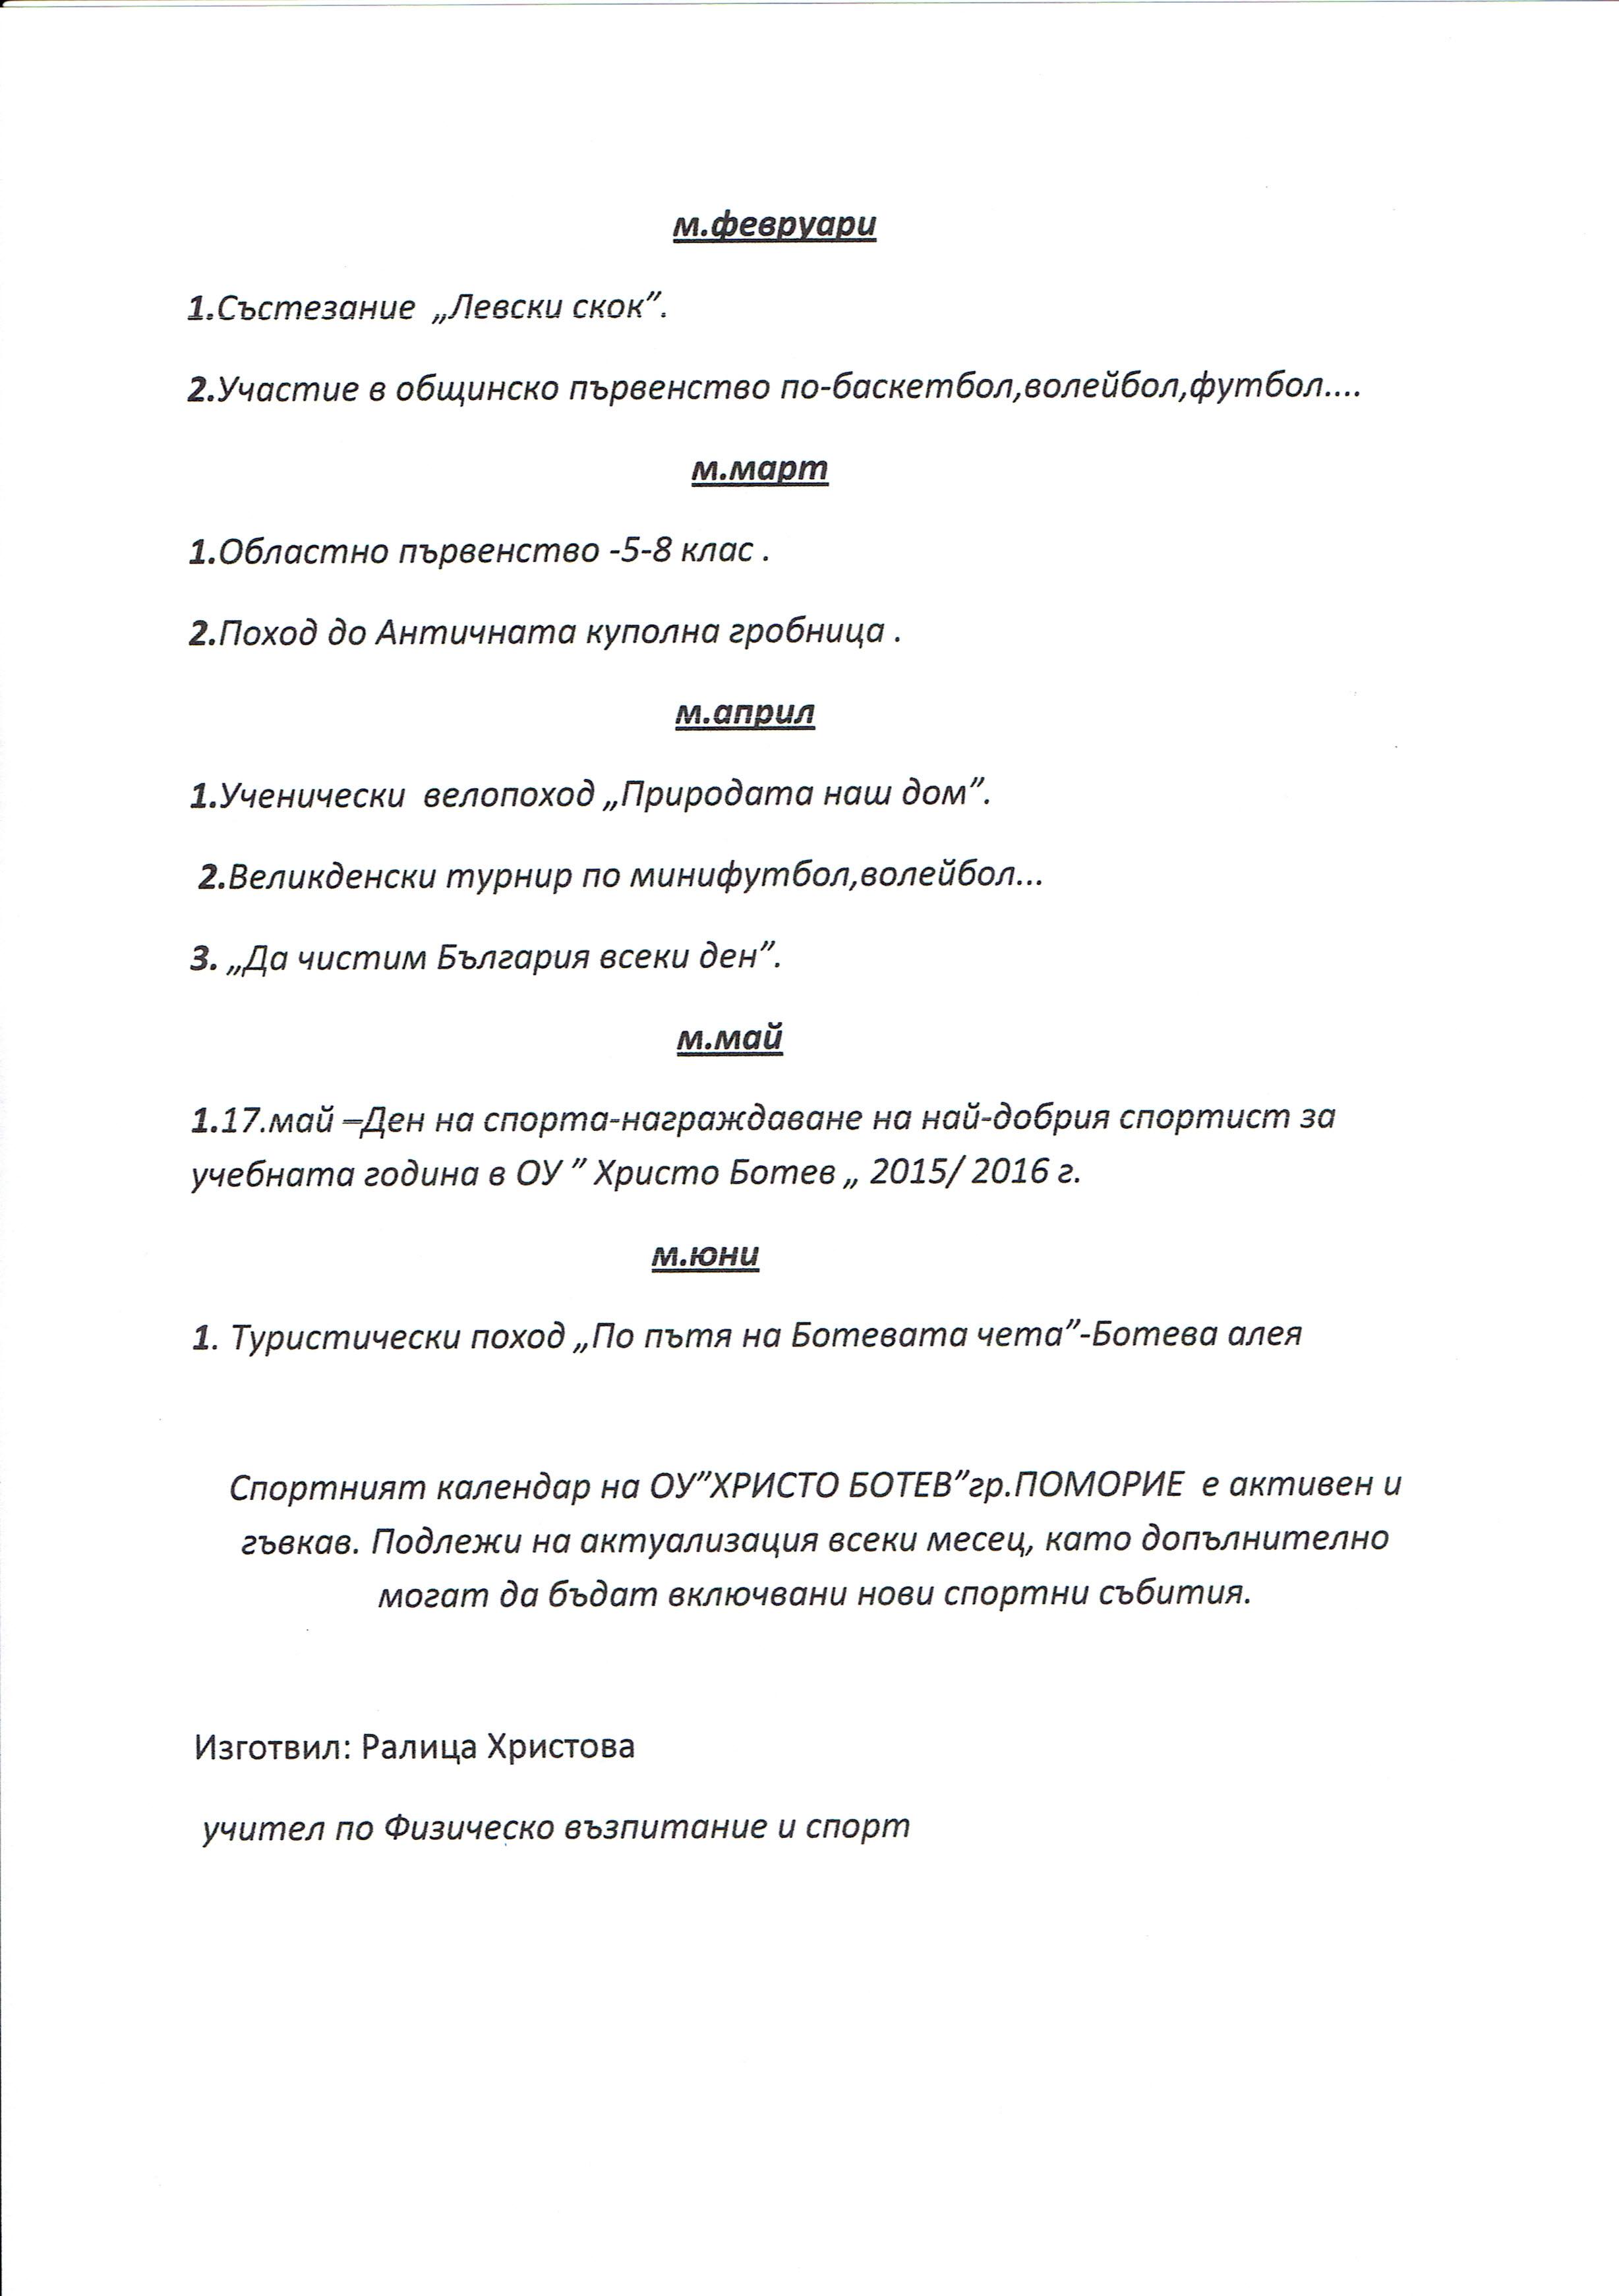 сп.календар2